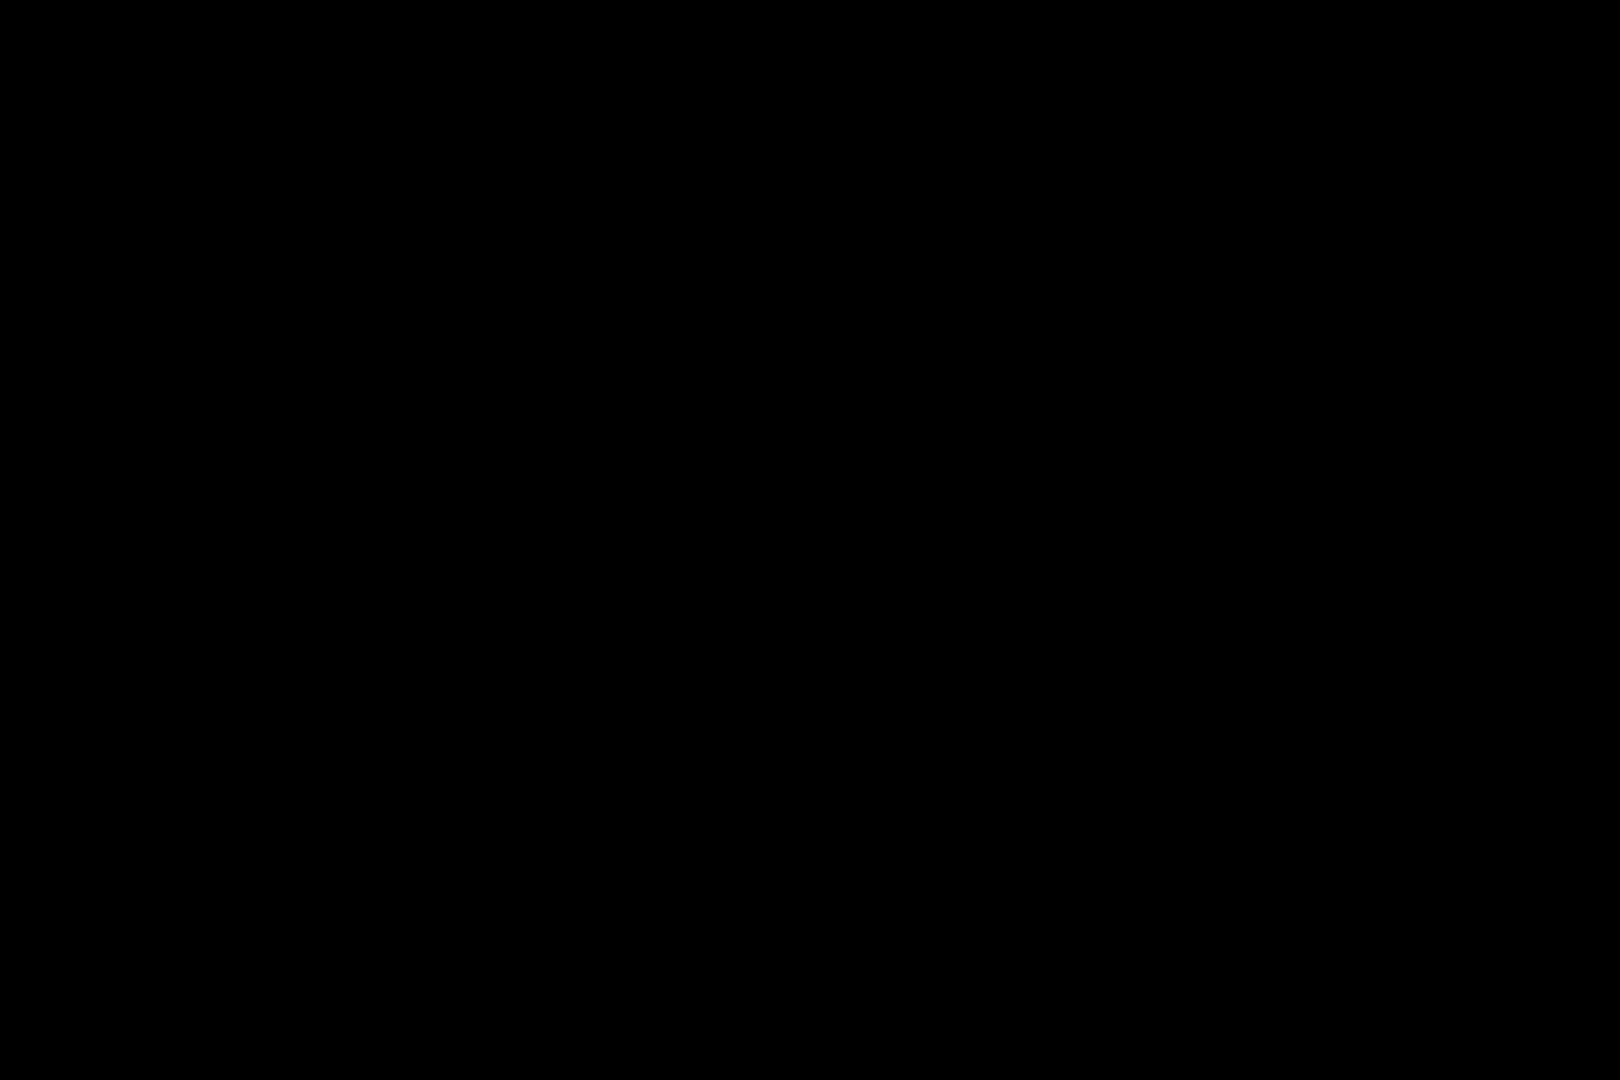 三ツ星シリーズ 魅惑のMemorial Night!! vol.03 投稿作品 | ちんこ  79画像 53